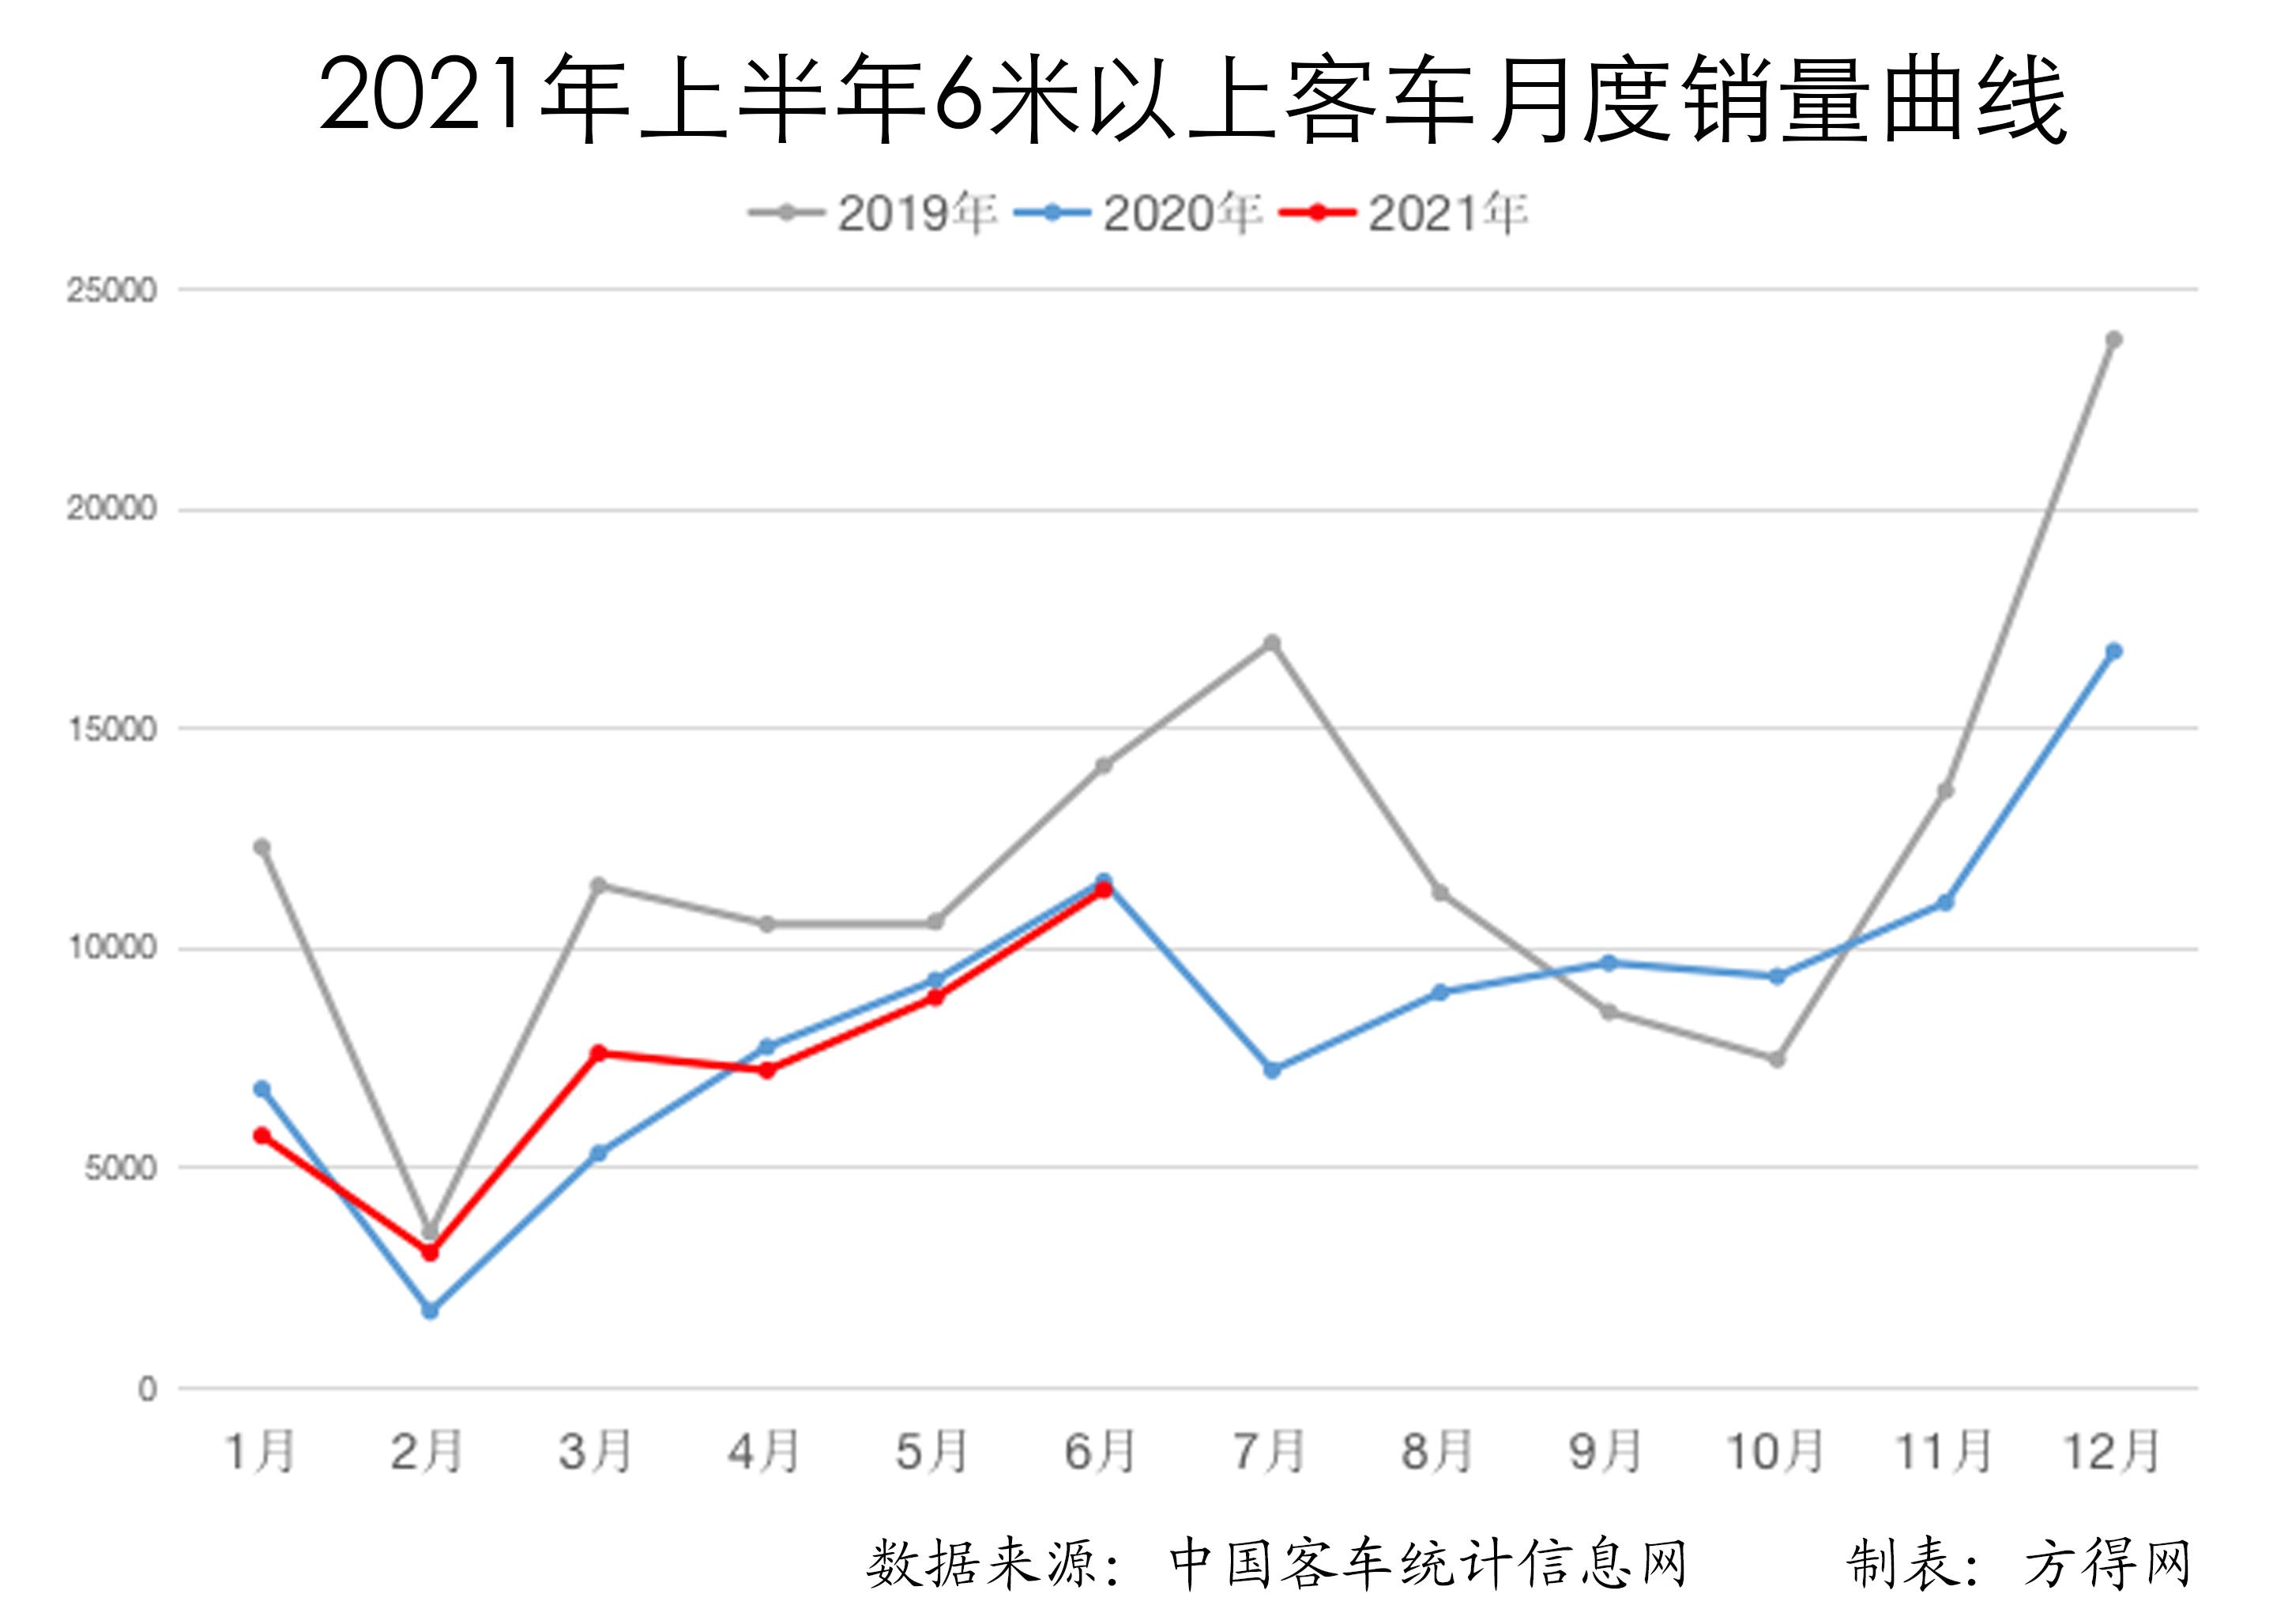 图表分析半年客车格局:宇通领跑者效应凸显 三龙缩小与中通差距